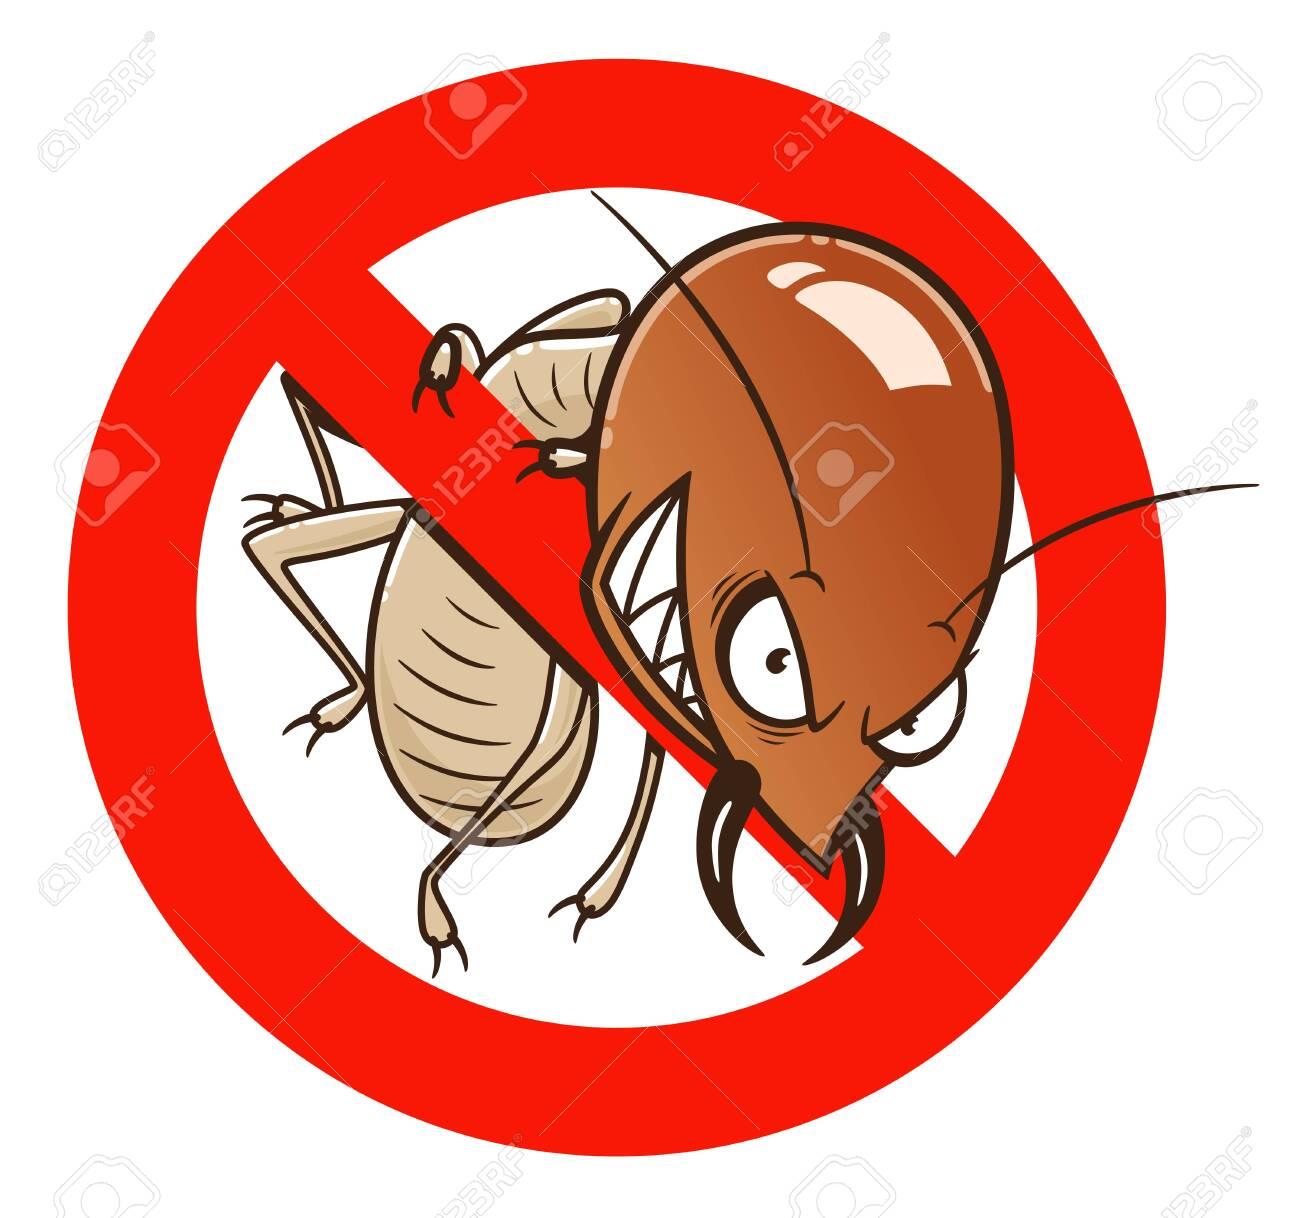 Funny no termite sign - 134808664